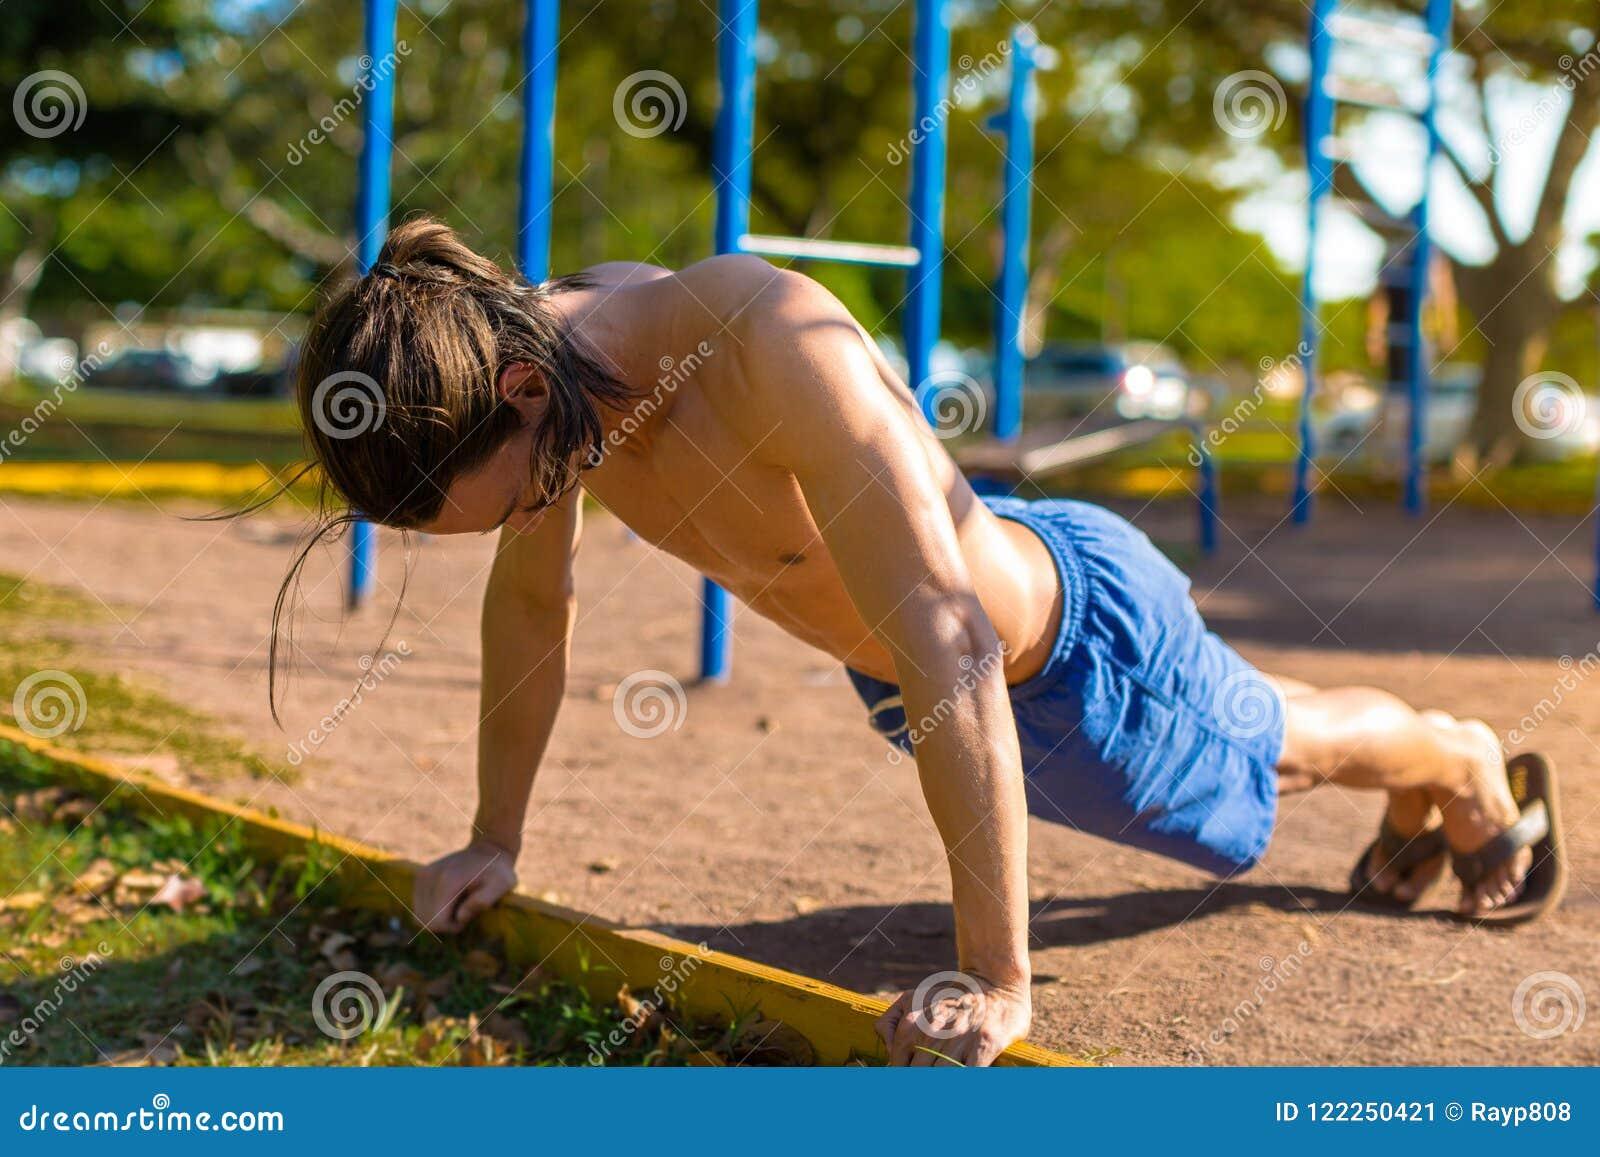 Человек пригонки работая на внешнем спортзале на парке Делать нажимает поднимает